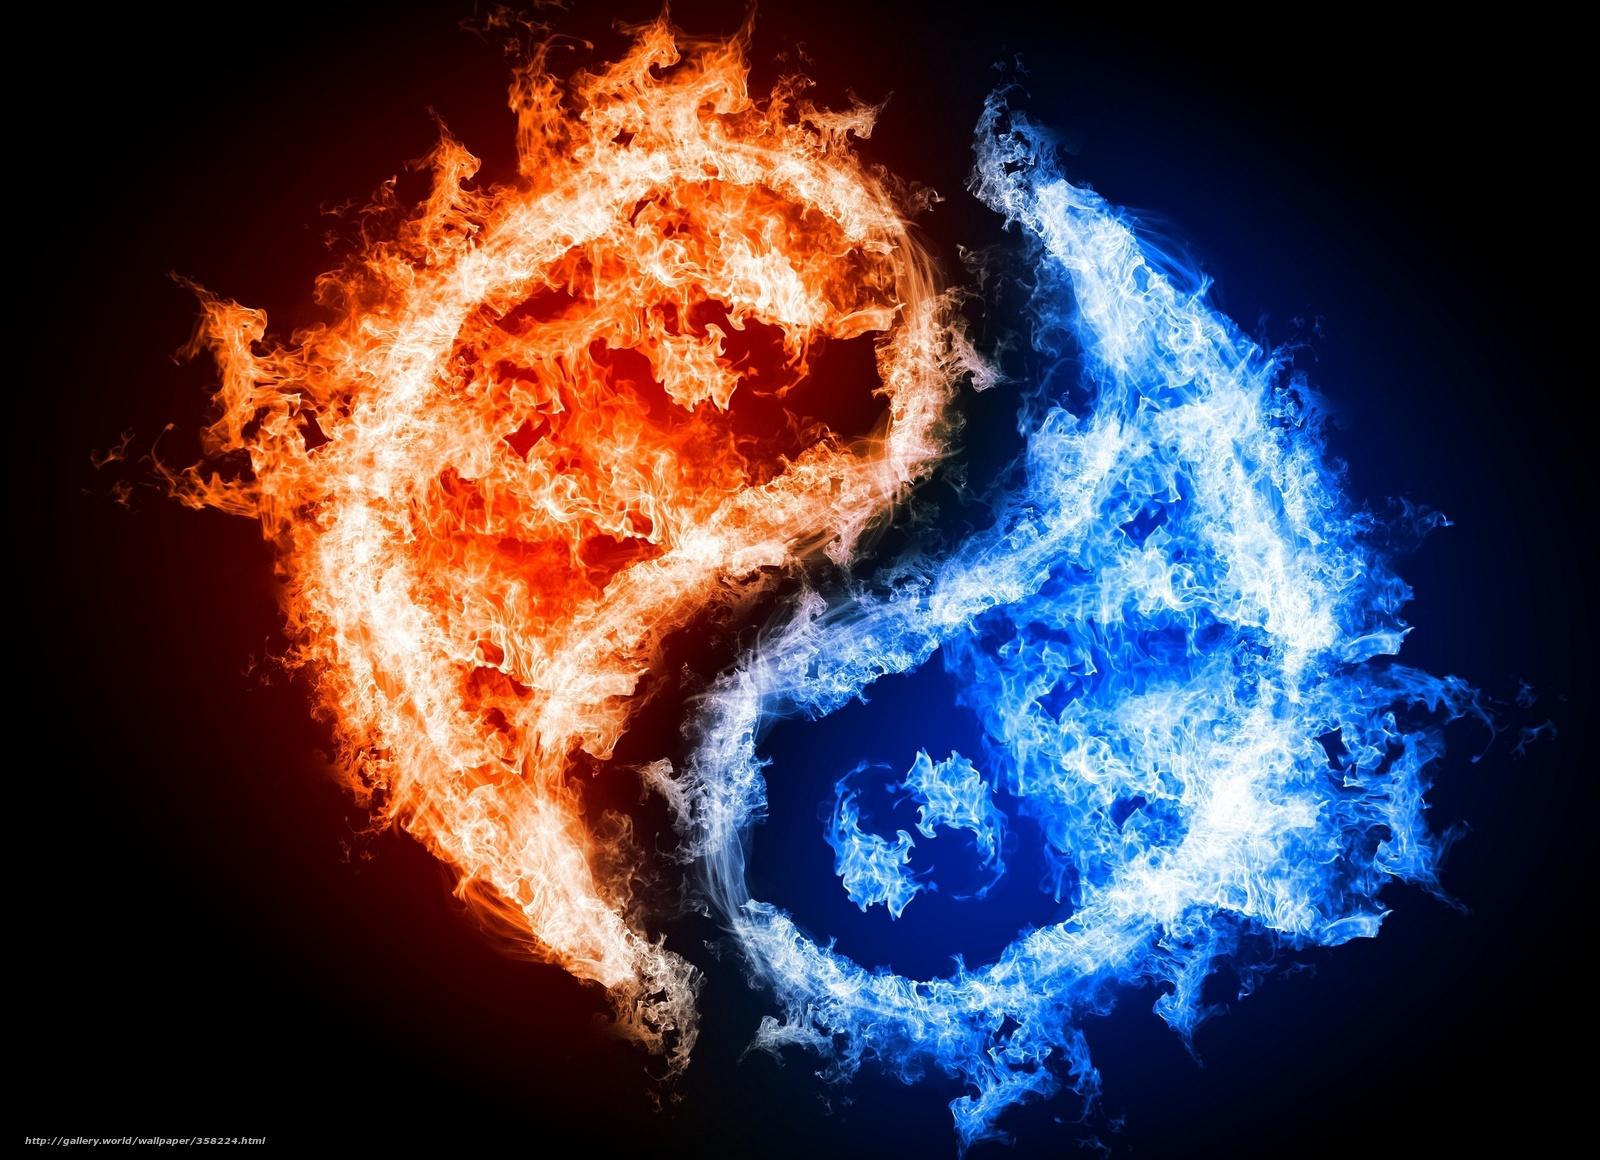 Download Hintergrund Yin Yang Feuer Wasser Freie Desktop Tapeten